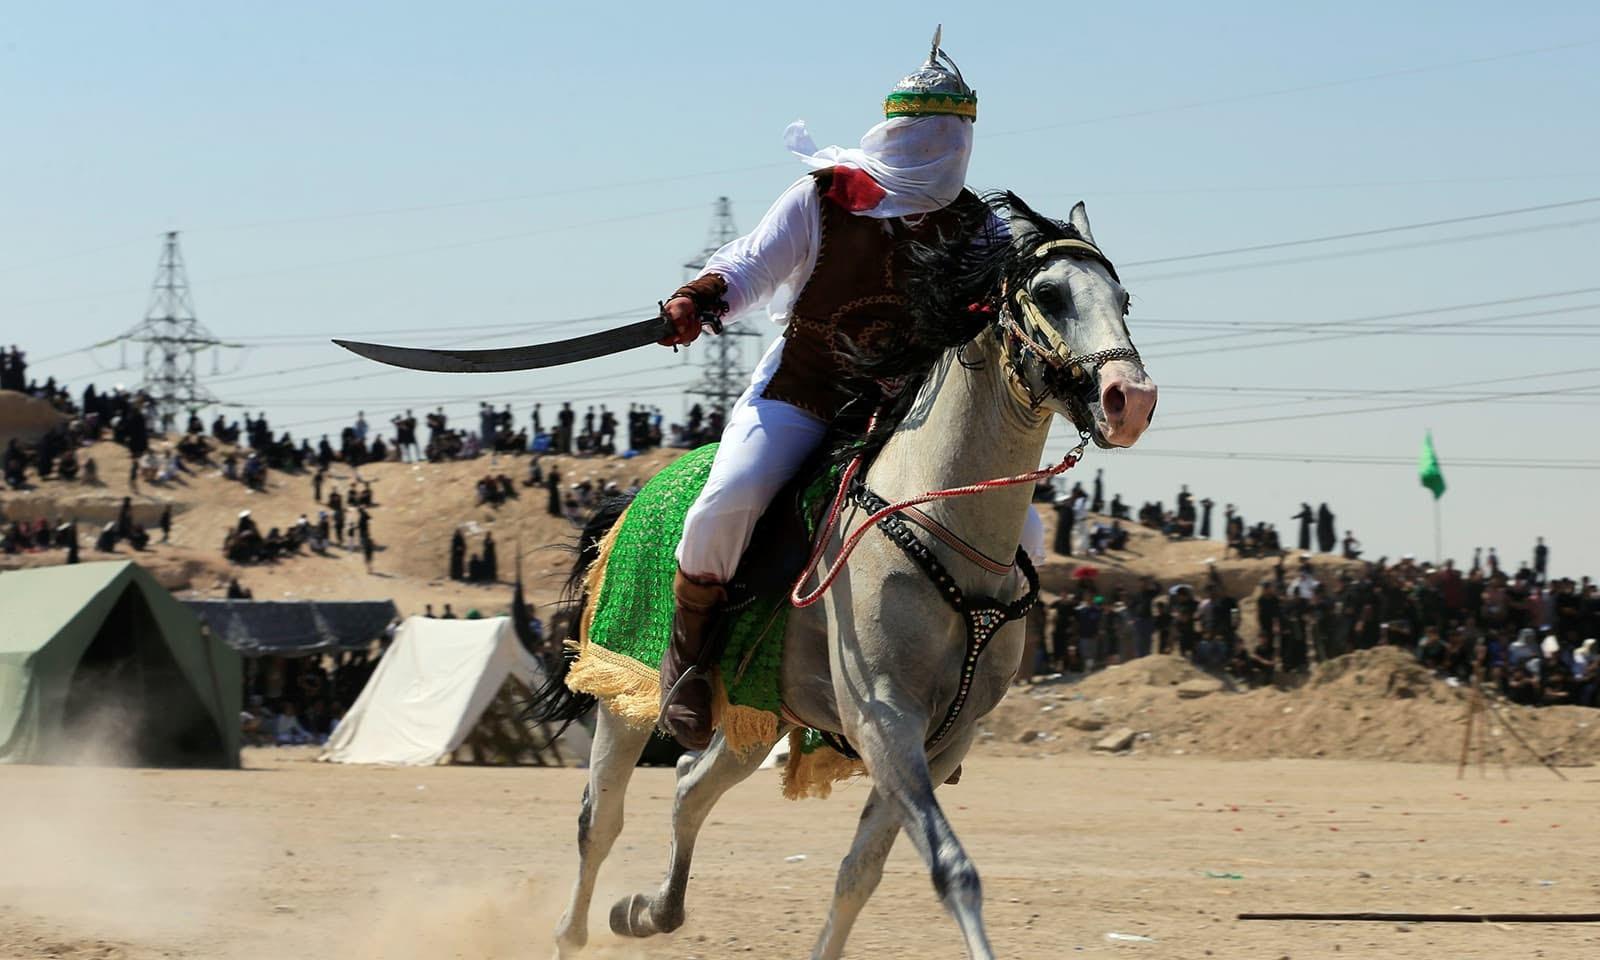 عراق کے شہر نجف میں واقعہ کربلا کو تمثلی انداز میں دہرایا گیا—رائٹرز